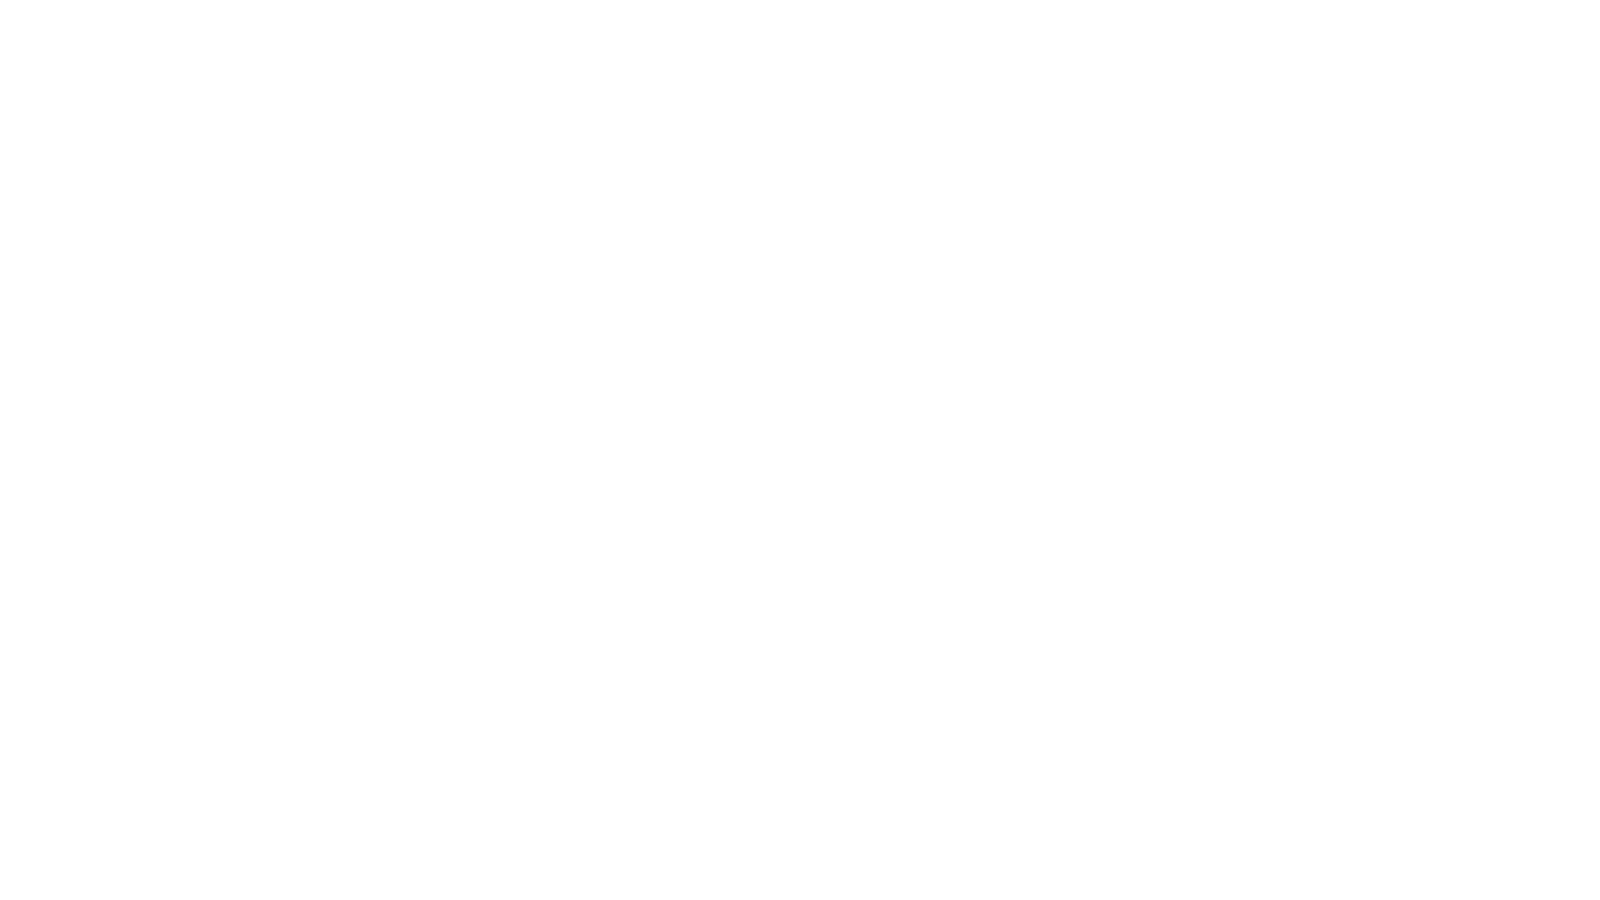 Entrevistamos o  Dr. Espen Uleberg, do Museu de História Cultural de Oslo (Noruega). Conversamos sobre documentação digital do patrimônio arqueológico!  (Ative as legendas em português no vídeo e divirta-se com essa incrível entrevista realizada em 22/06/2020.)  Espen Uleberg Curriculum: https://www.khm.uio.no/om/organisasjon/seksjon-for-samlingsforvaltning/ansatte/euleberg/index.html Website Museu de História Cultural: https://www.khm.uio.no/english  -------------------- Acompanhe-nos em nossas redes sociais! Facebook: https://www.facebook.com/archarise/ Twitter: https://twitter.com/arch_arise Instagram: https://www.instagram.com/archarise/ Twitch: https://www.twitch.tv/archarise Site: http://www.arise.mae.usp.br  #ARISE #Digitalizacao #Documentacao #EspenUleberg